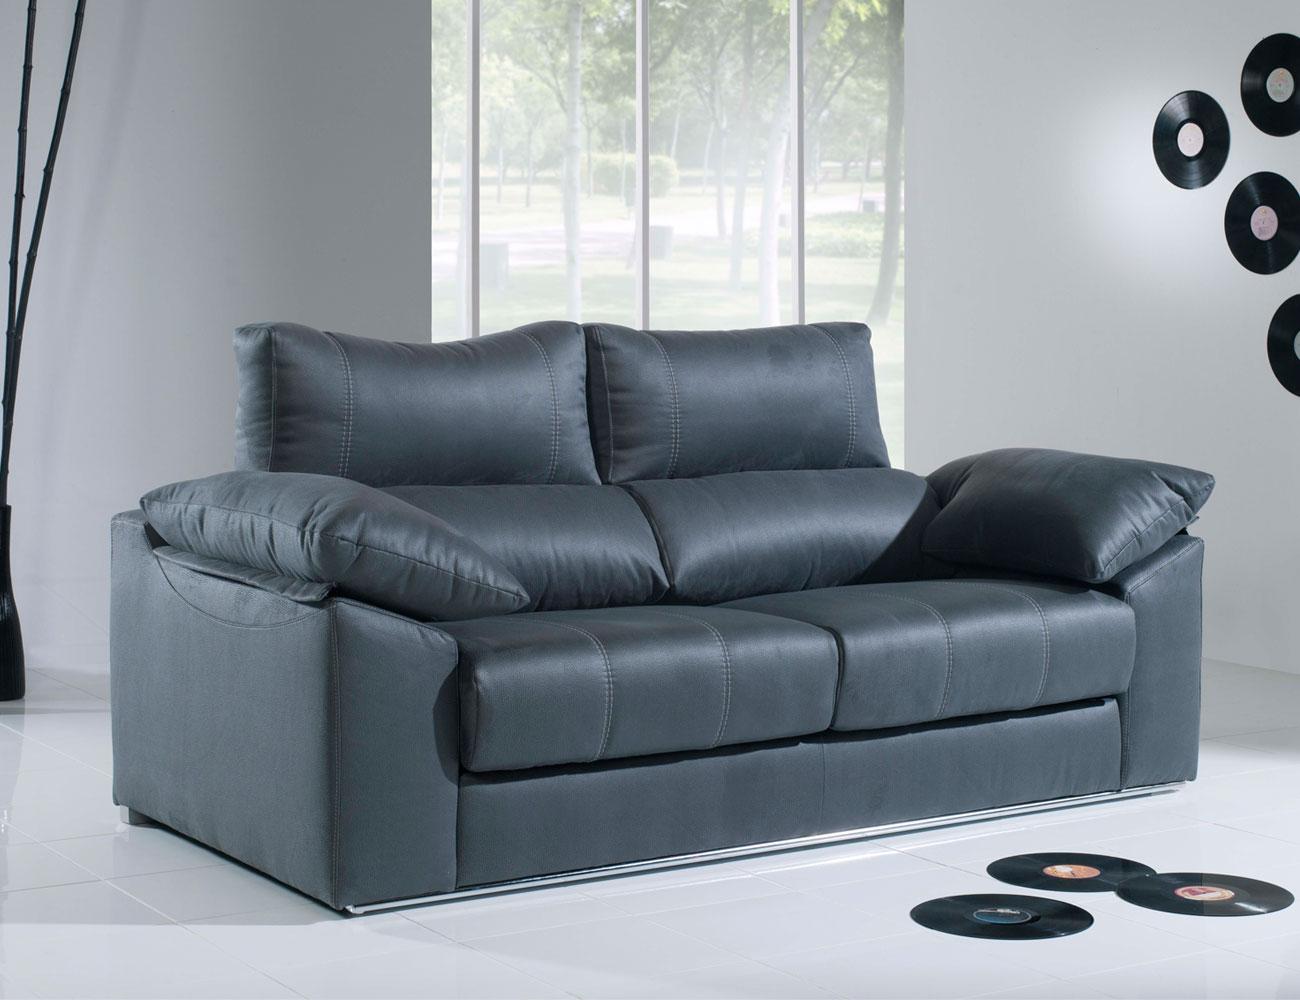 Sofa 3 plazas moderno con barra6